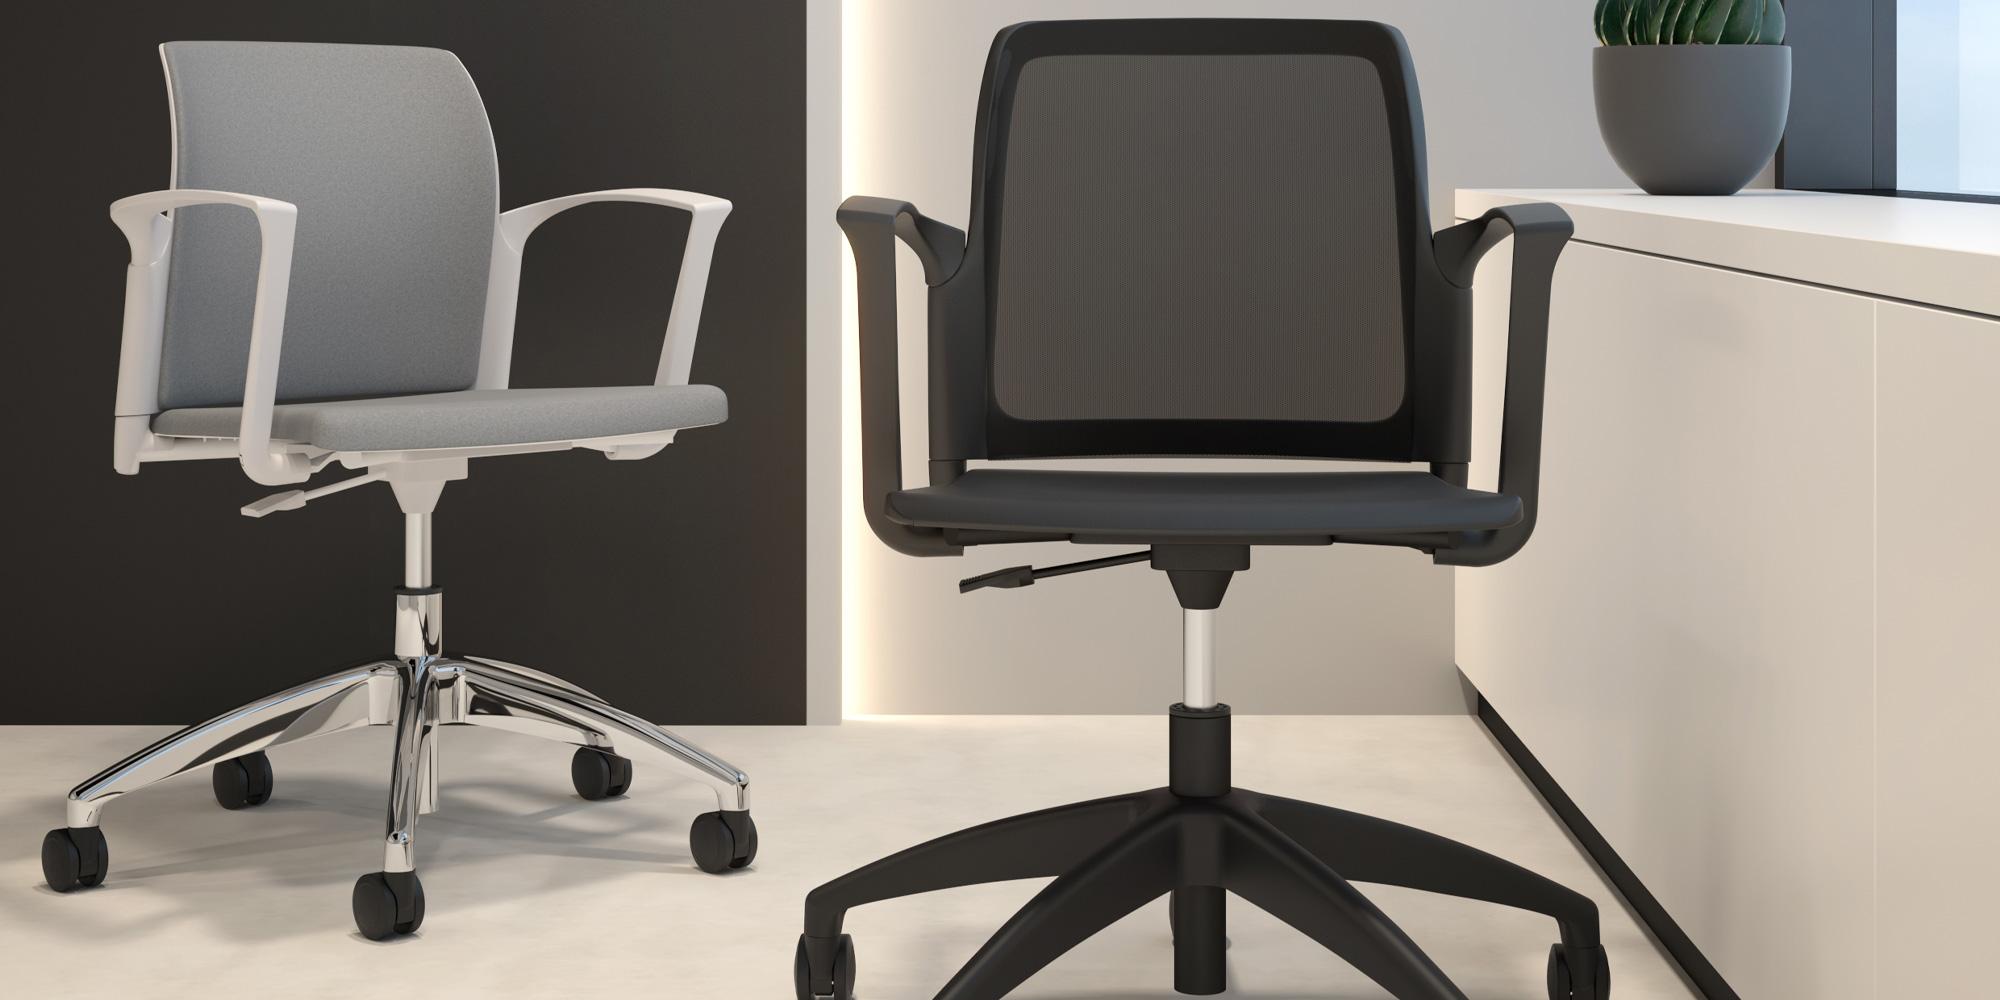 Leola Agile Seating Feature Image